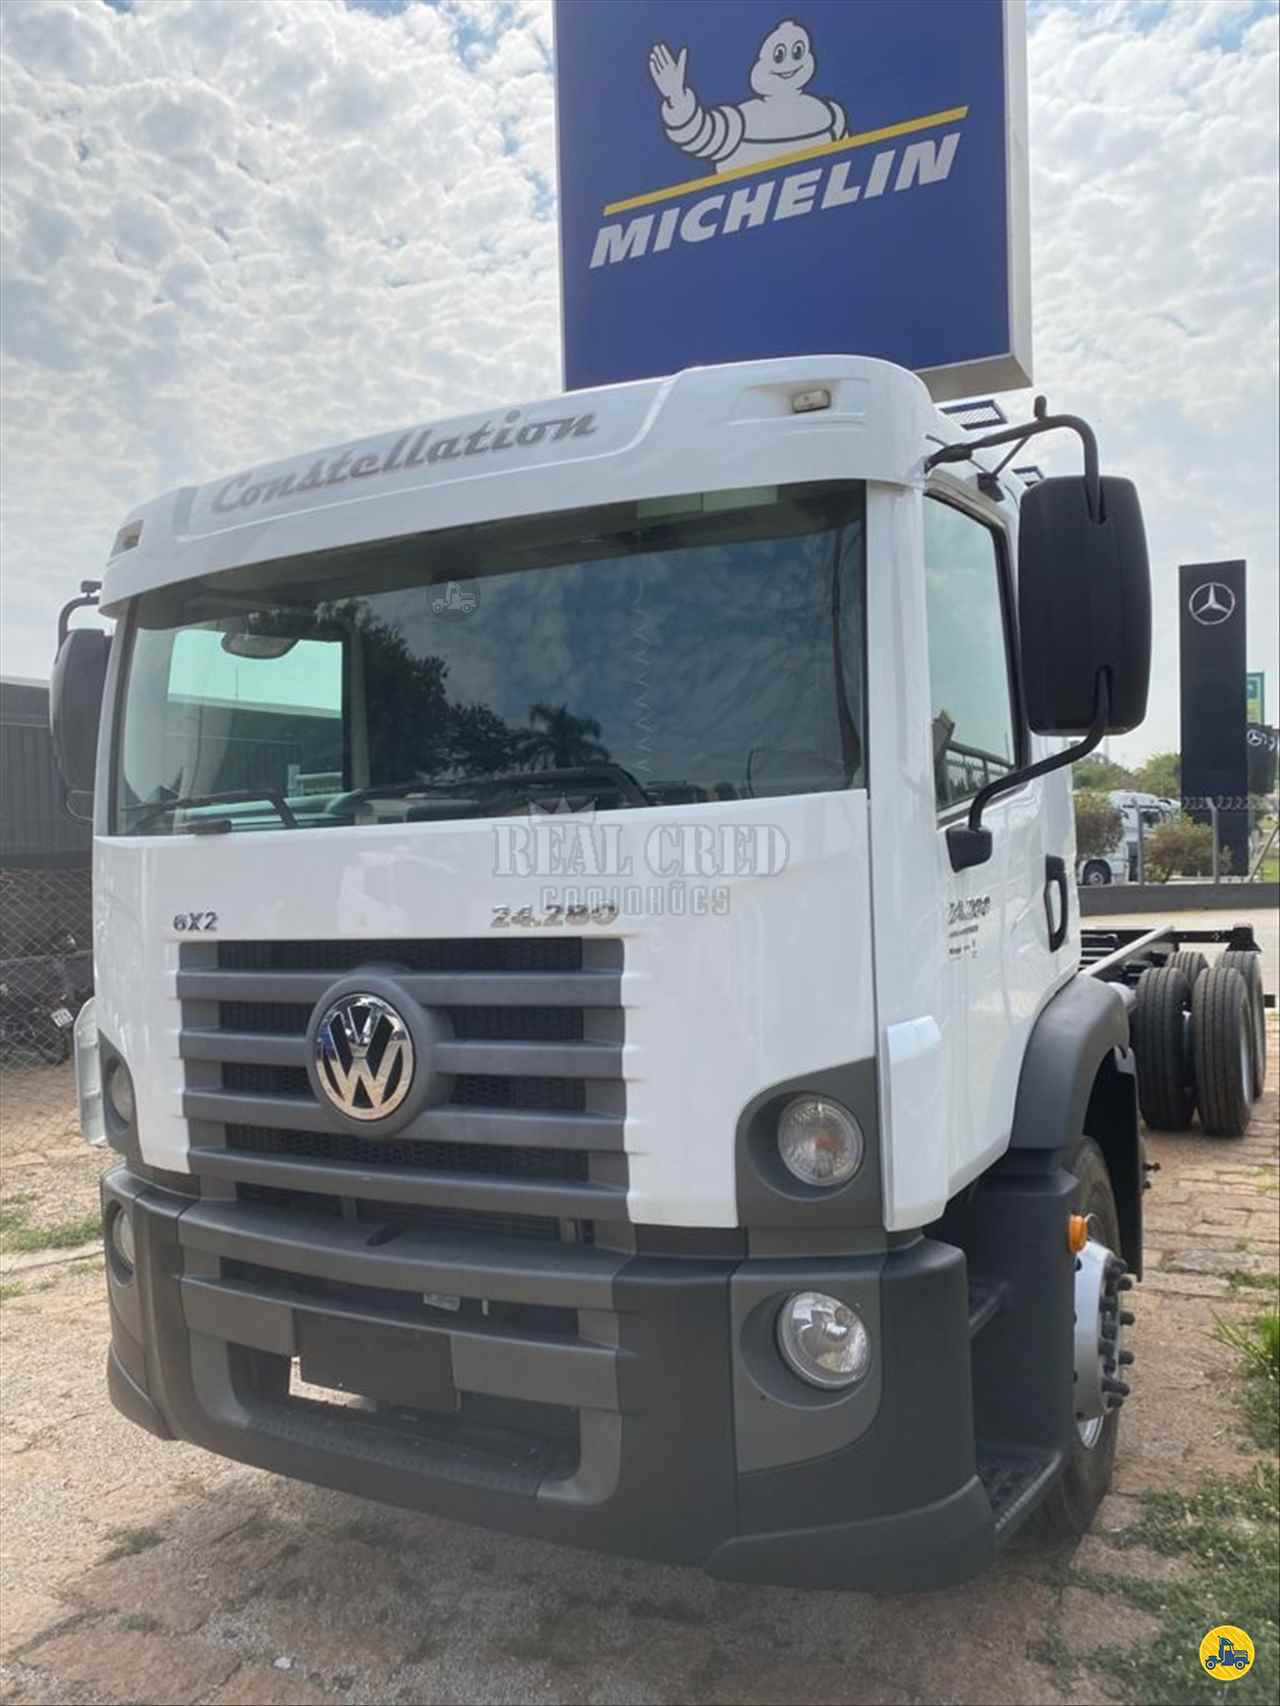 CAMINHAO VOLKSWAGEN VW 24280 Chassis Truck 6x2 Real Cred Caminhões PIEDADE SÃO PAULO SP